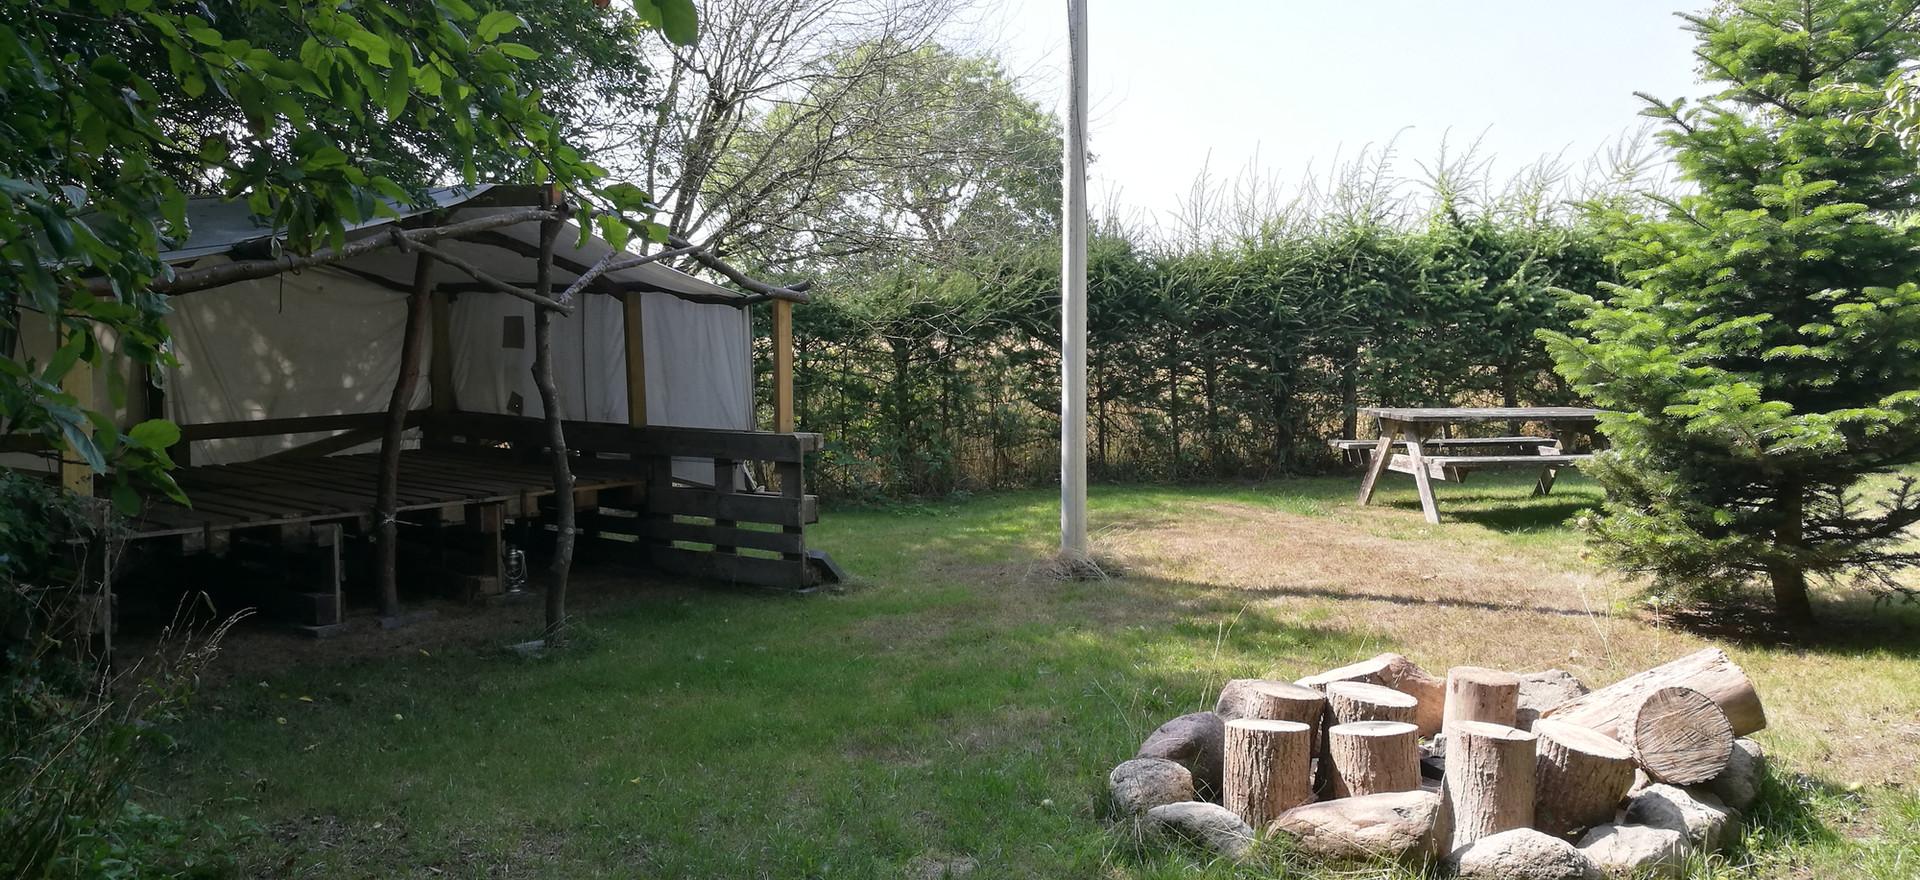 Shelter og bålplads med siddestubbe.